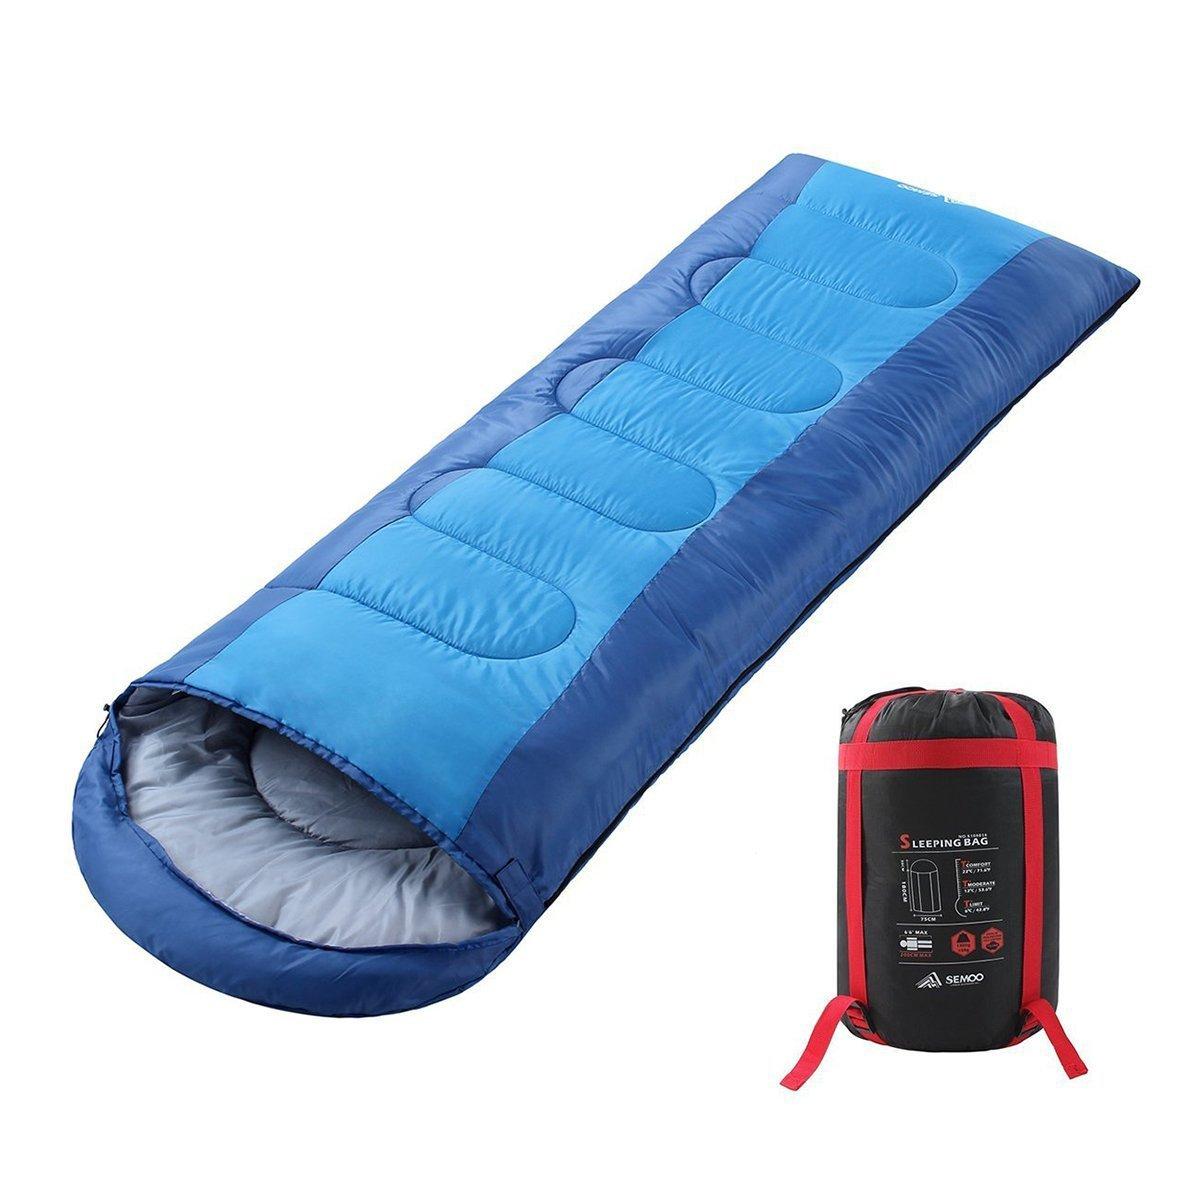 Semoo Saco de Dormir Impermeable, de 10-22ºC, 190T, Encapuchado para Adultos, con Bolsa de compresión (Azul): Amazon.es: Deportes y aire libre